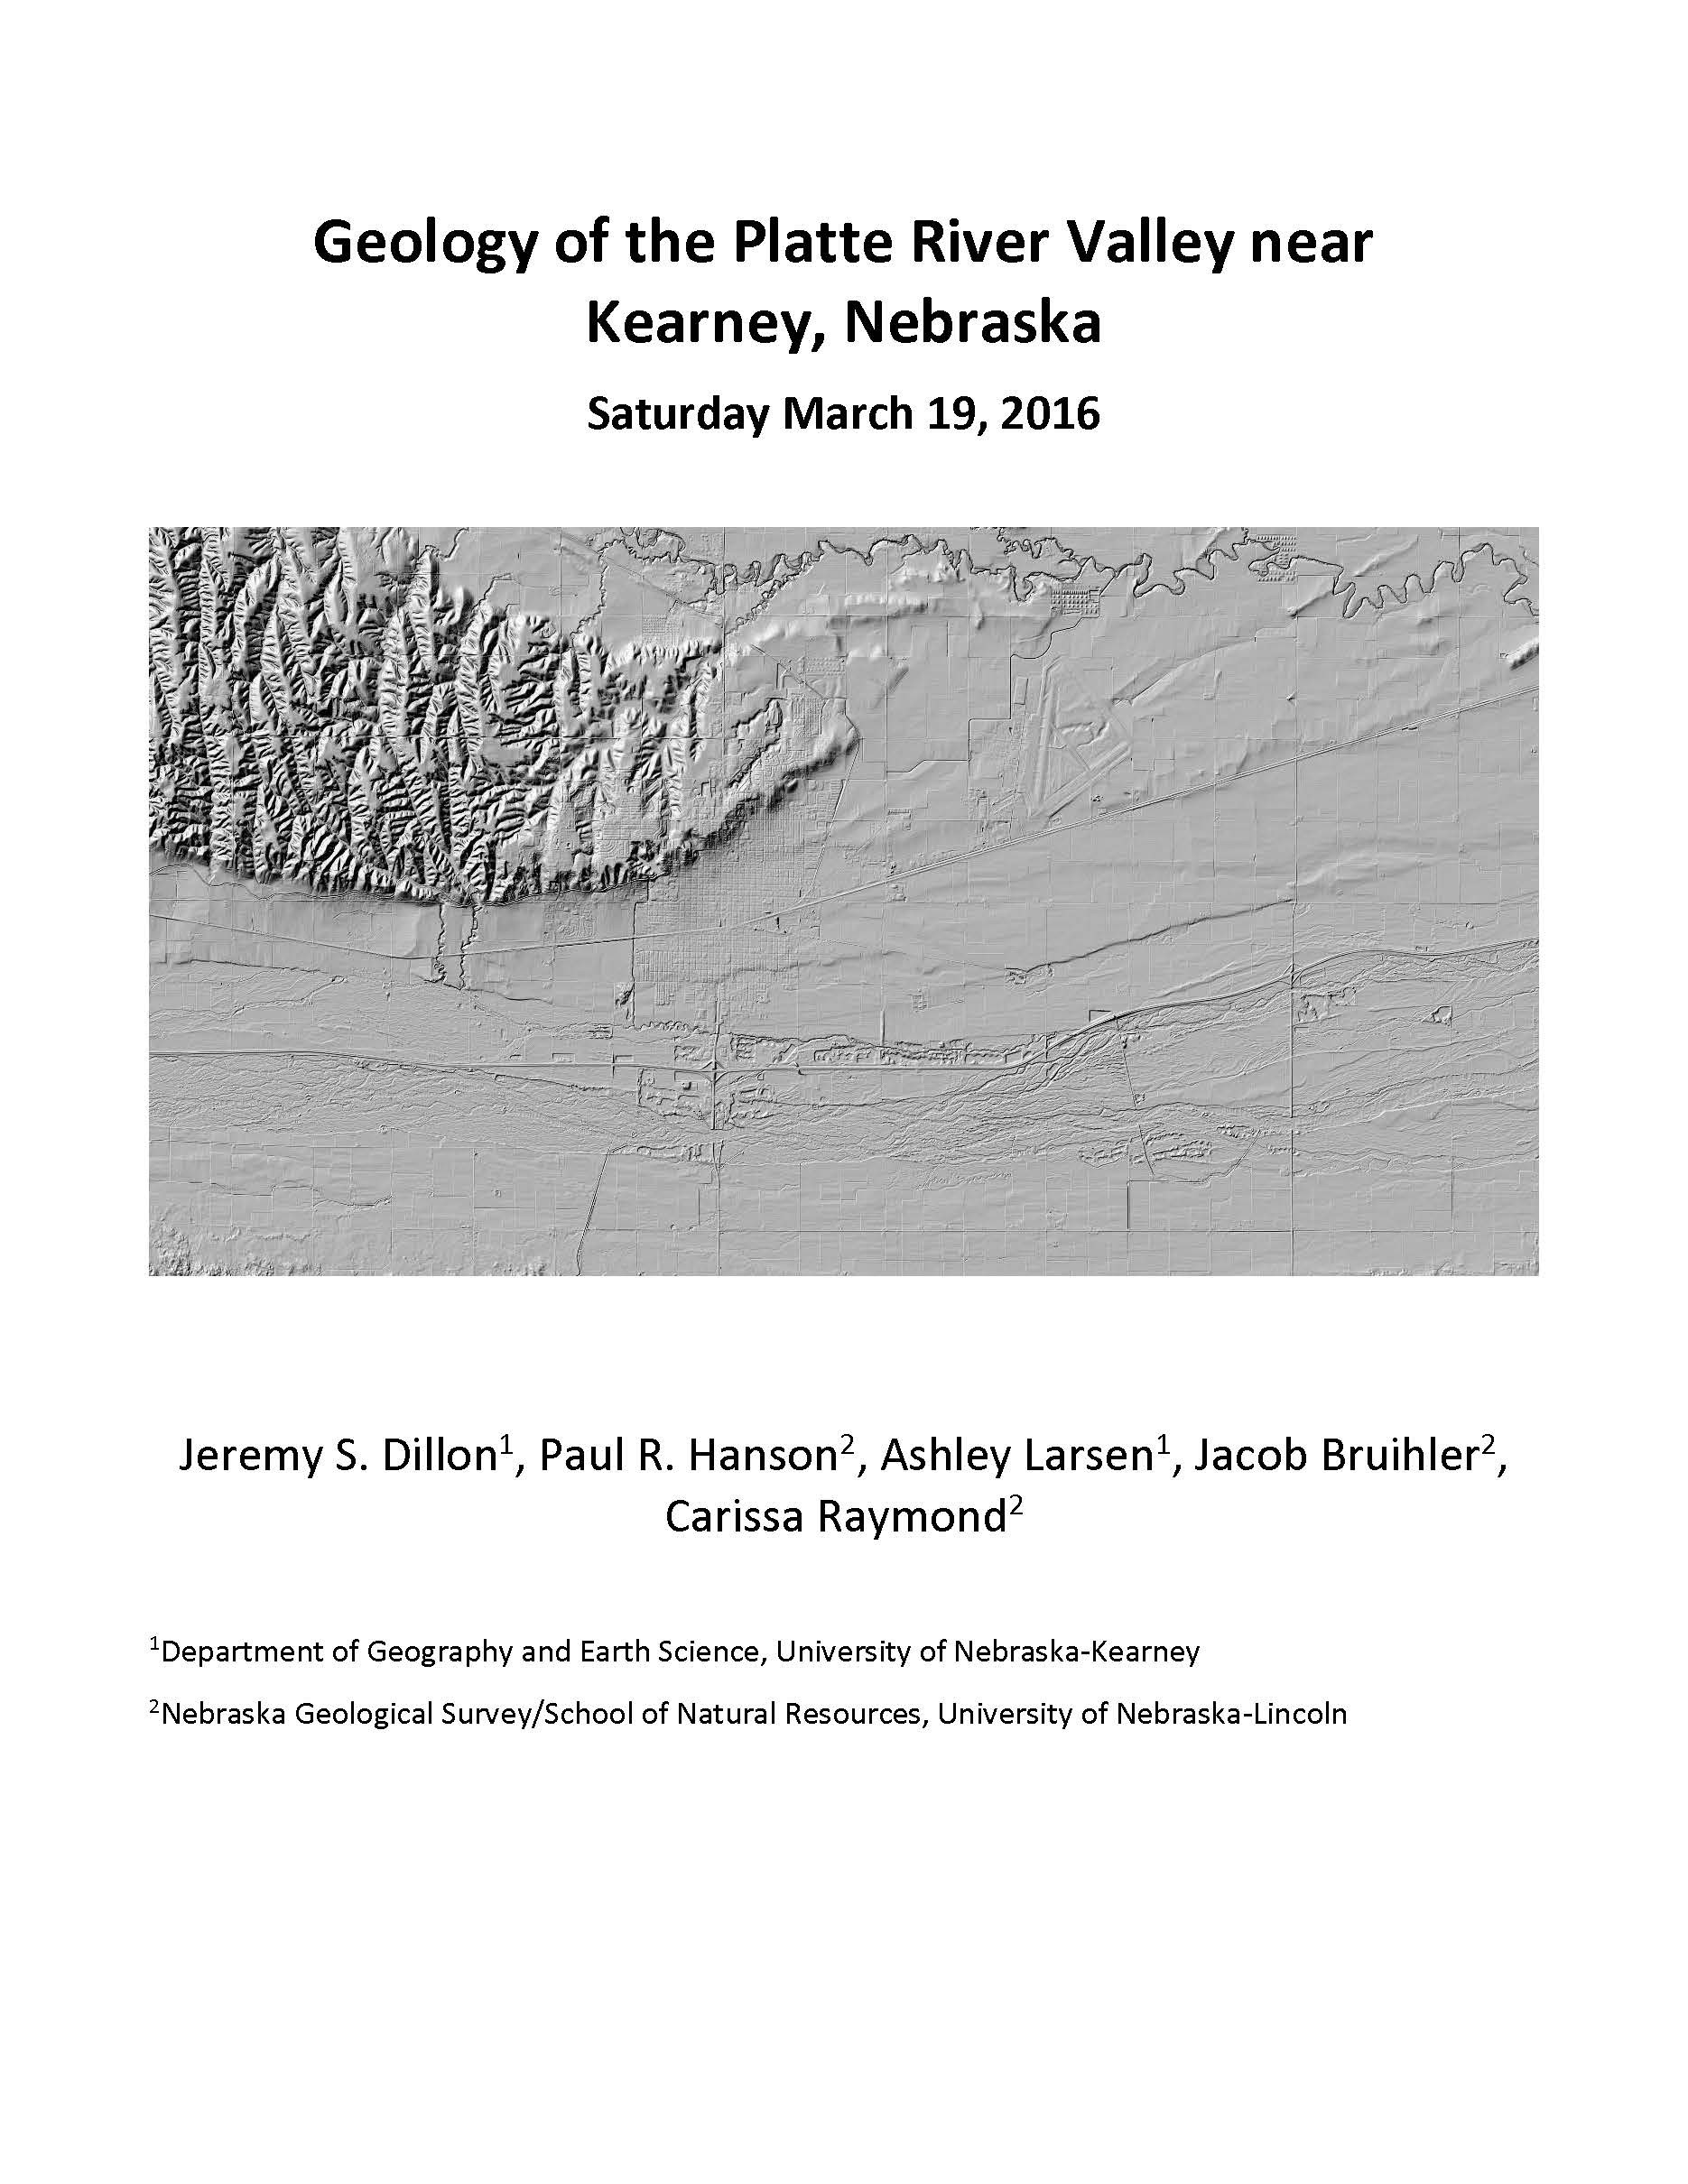 Geology of the Platte River Valley near Kearney, Nebraska (GB-20)